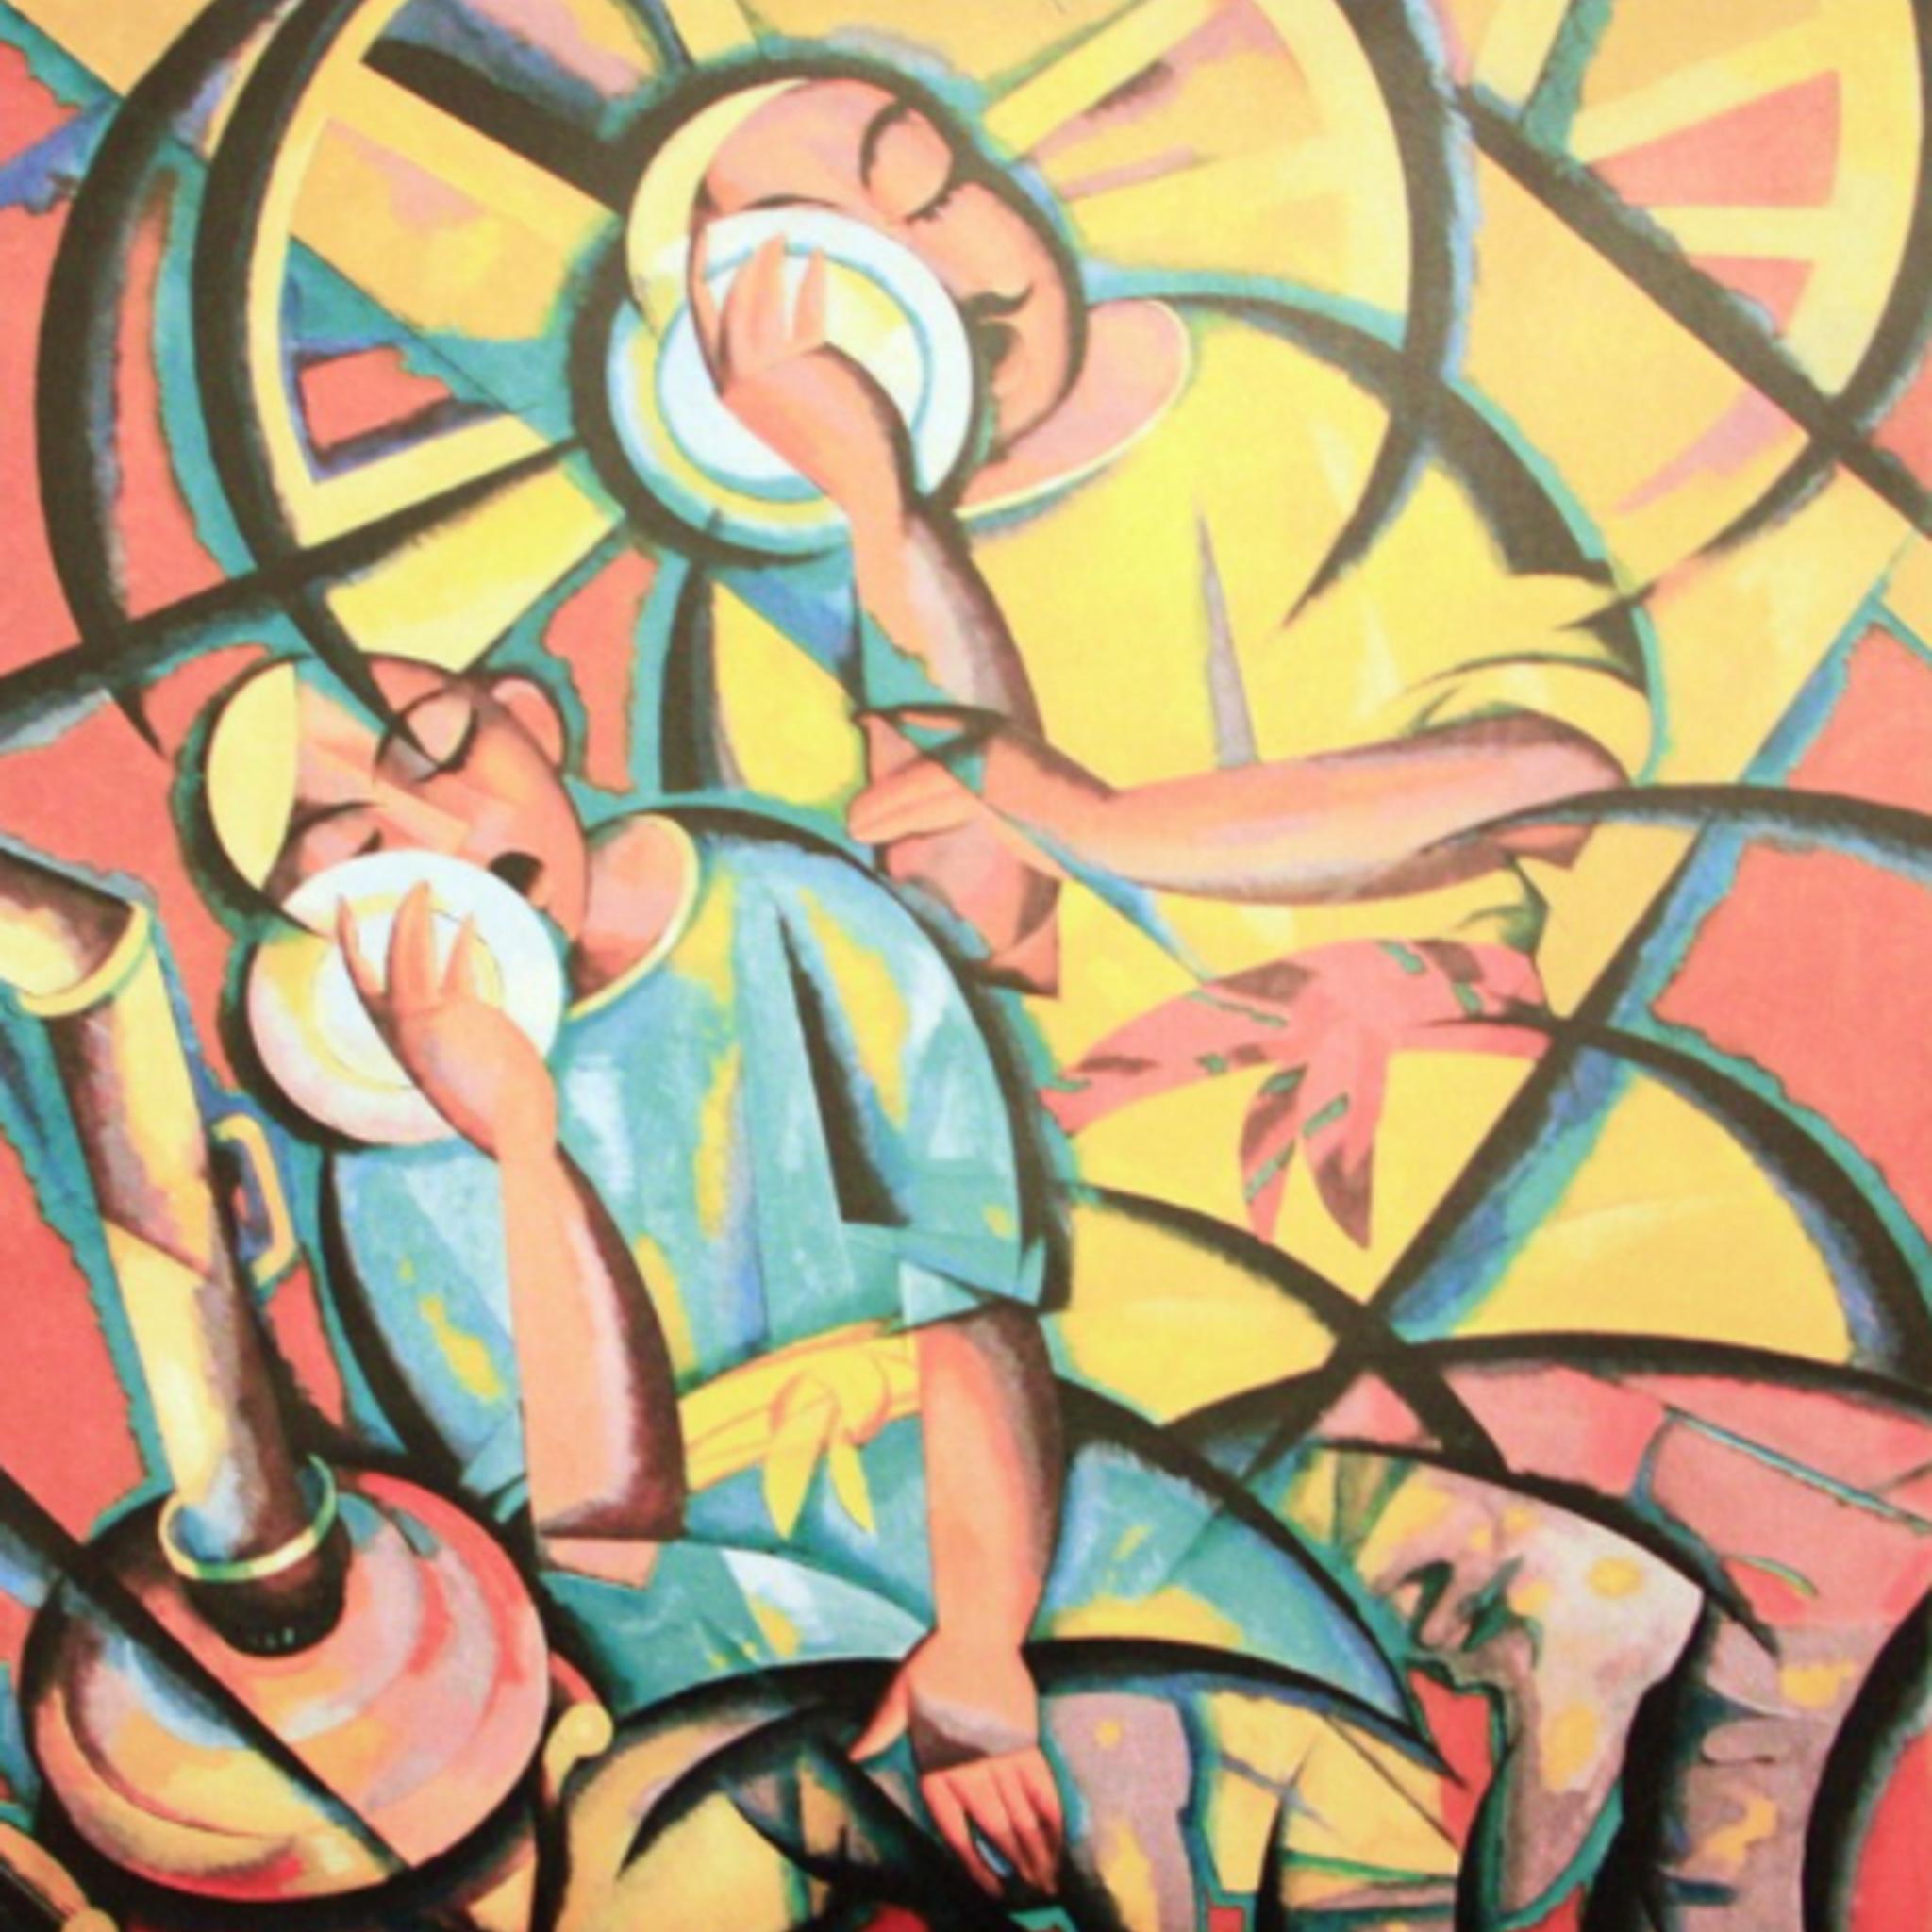 Юбилейная, ретроспективная выставка Джавлона Умарбекова